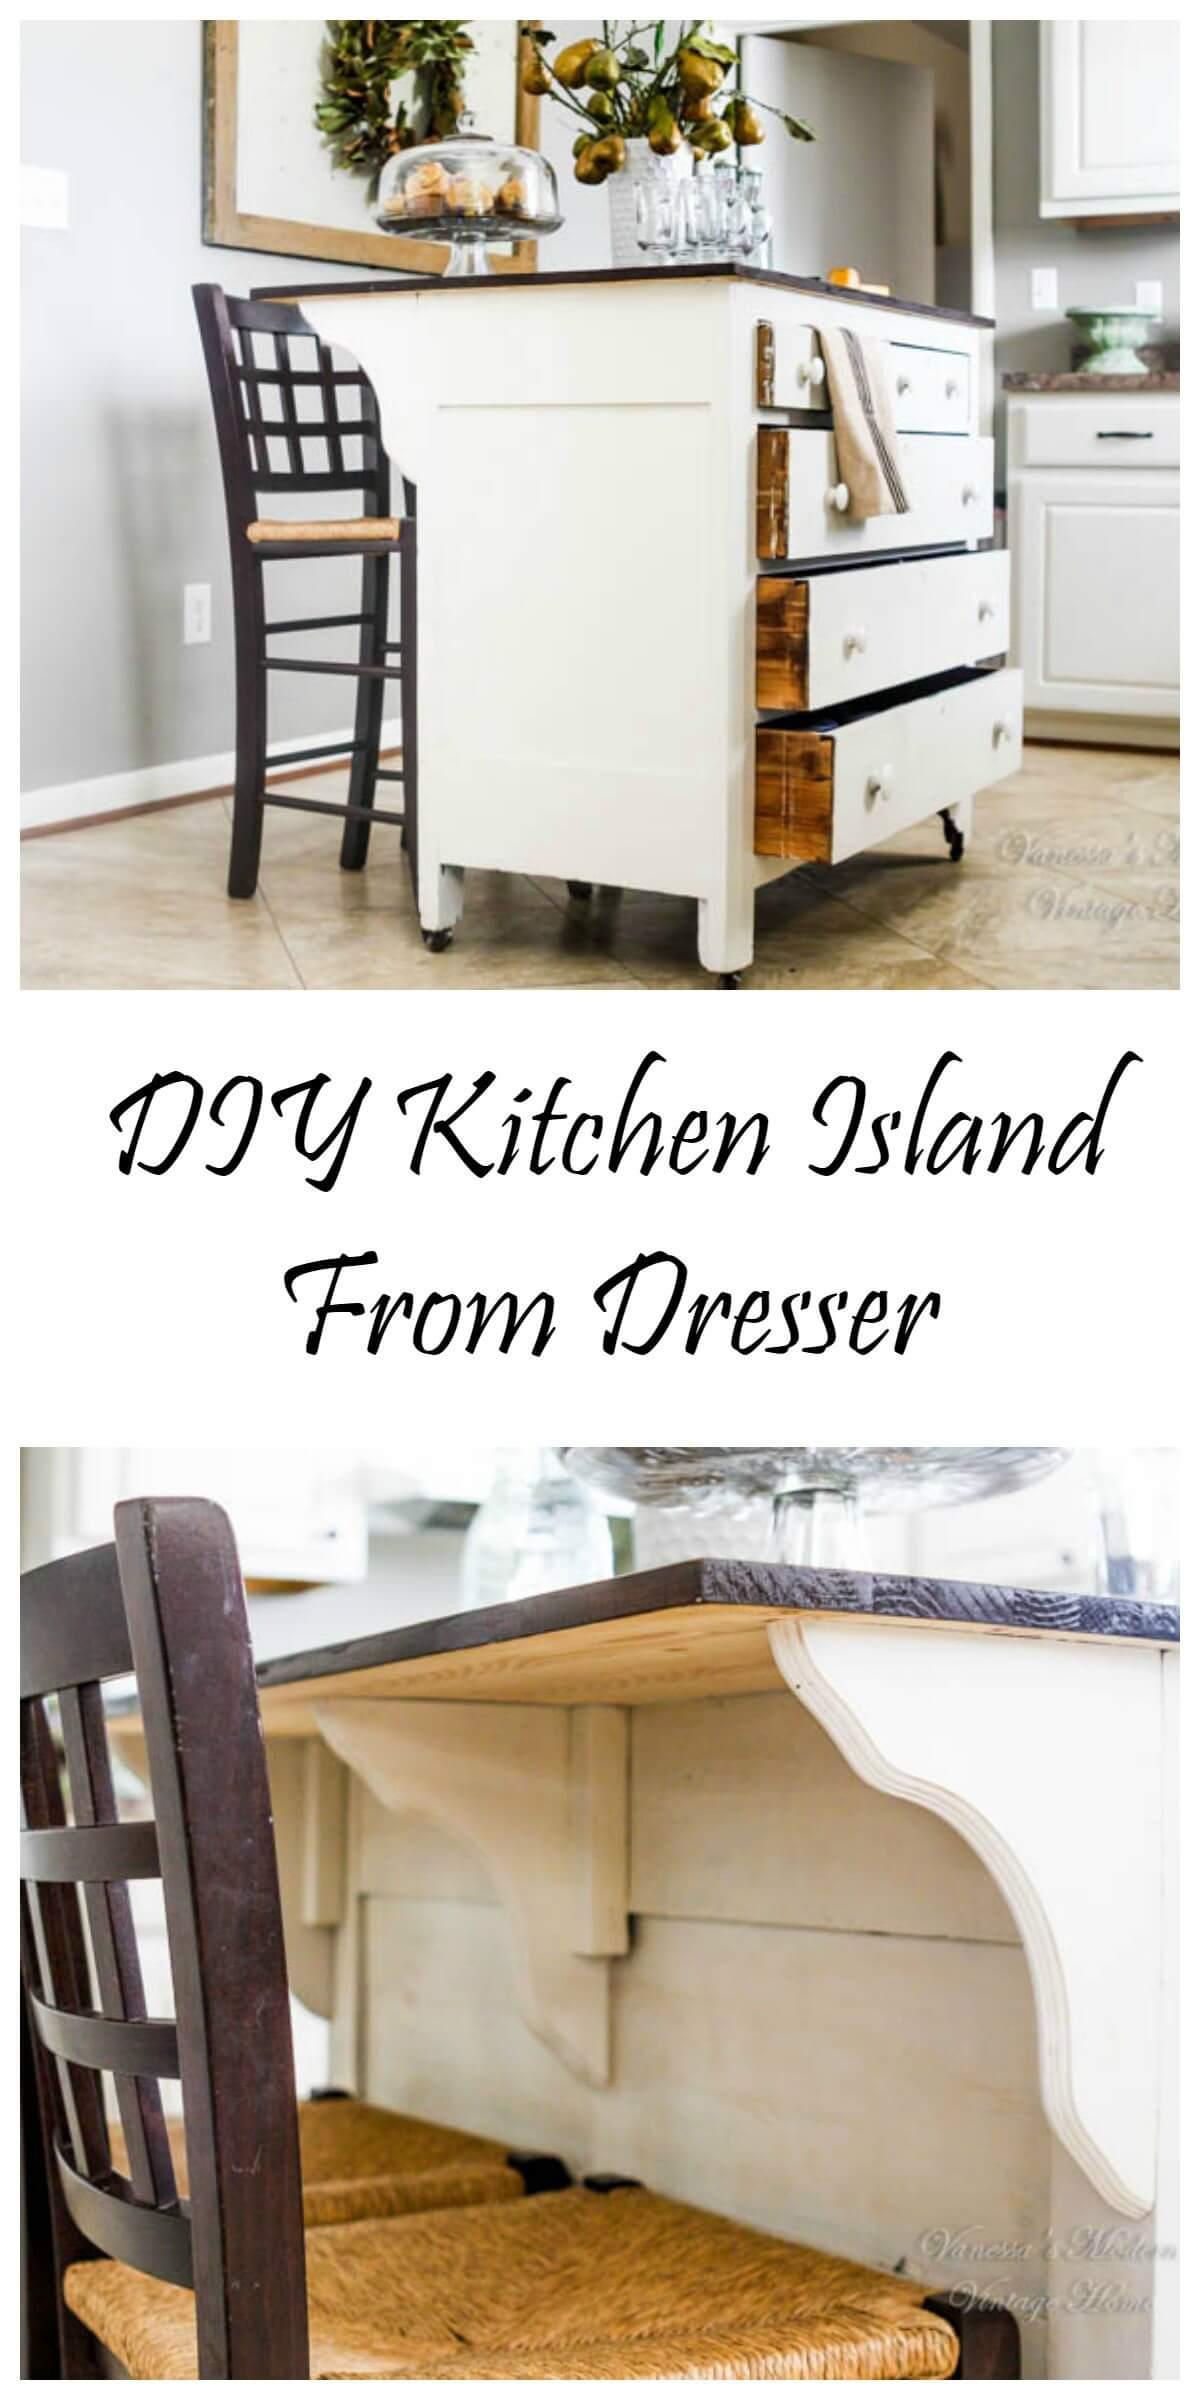 isla de cocina economica diy 21